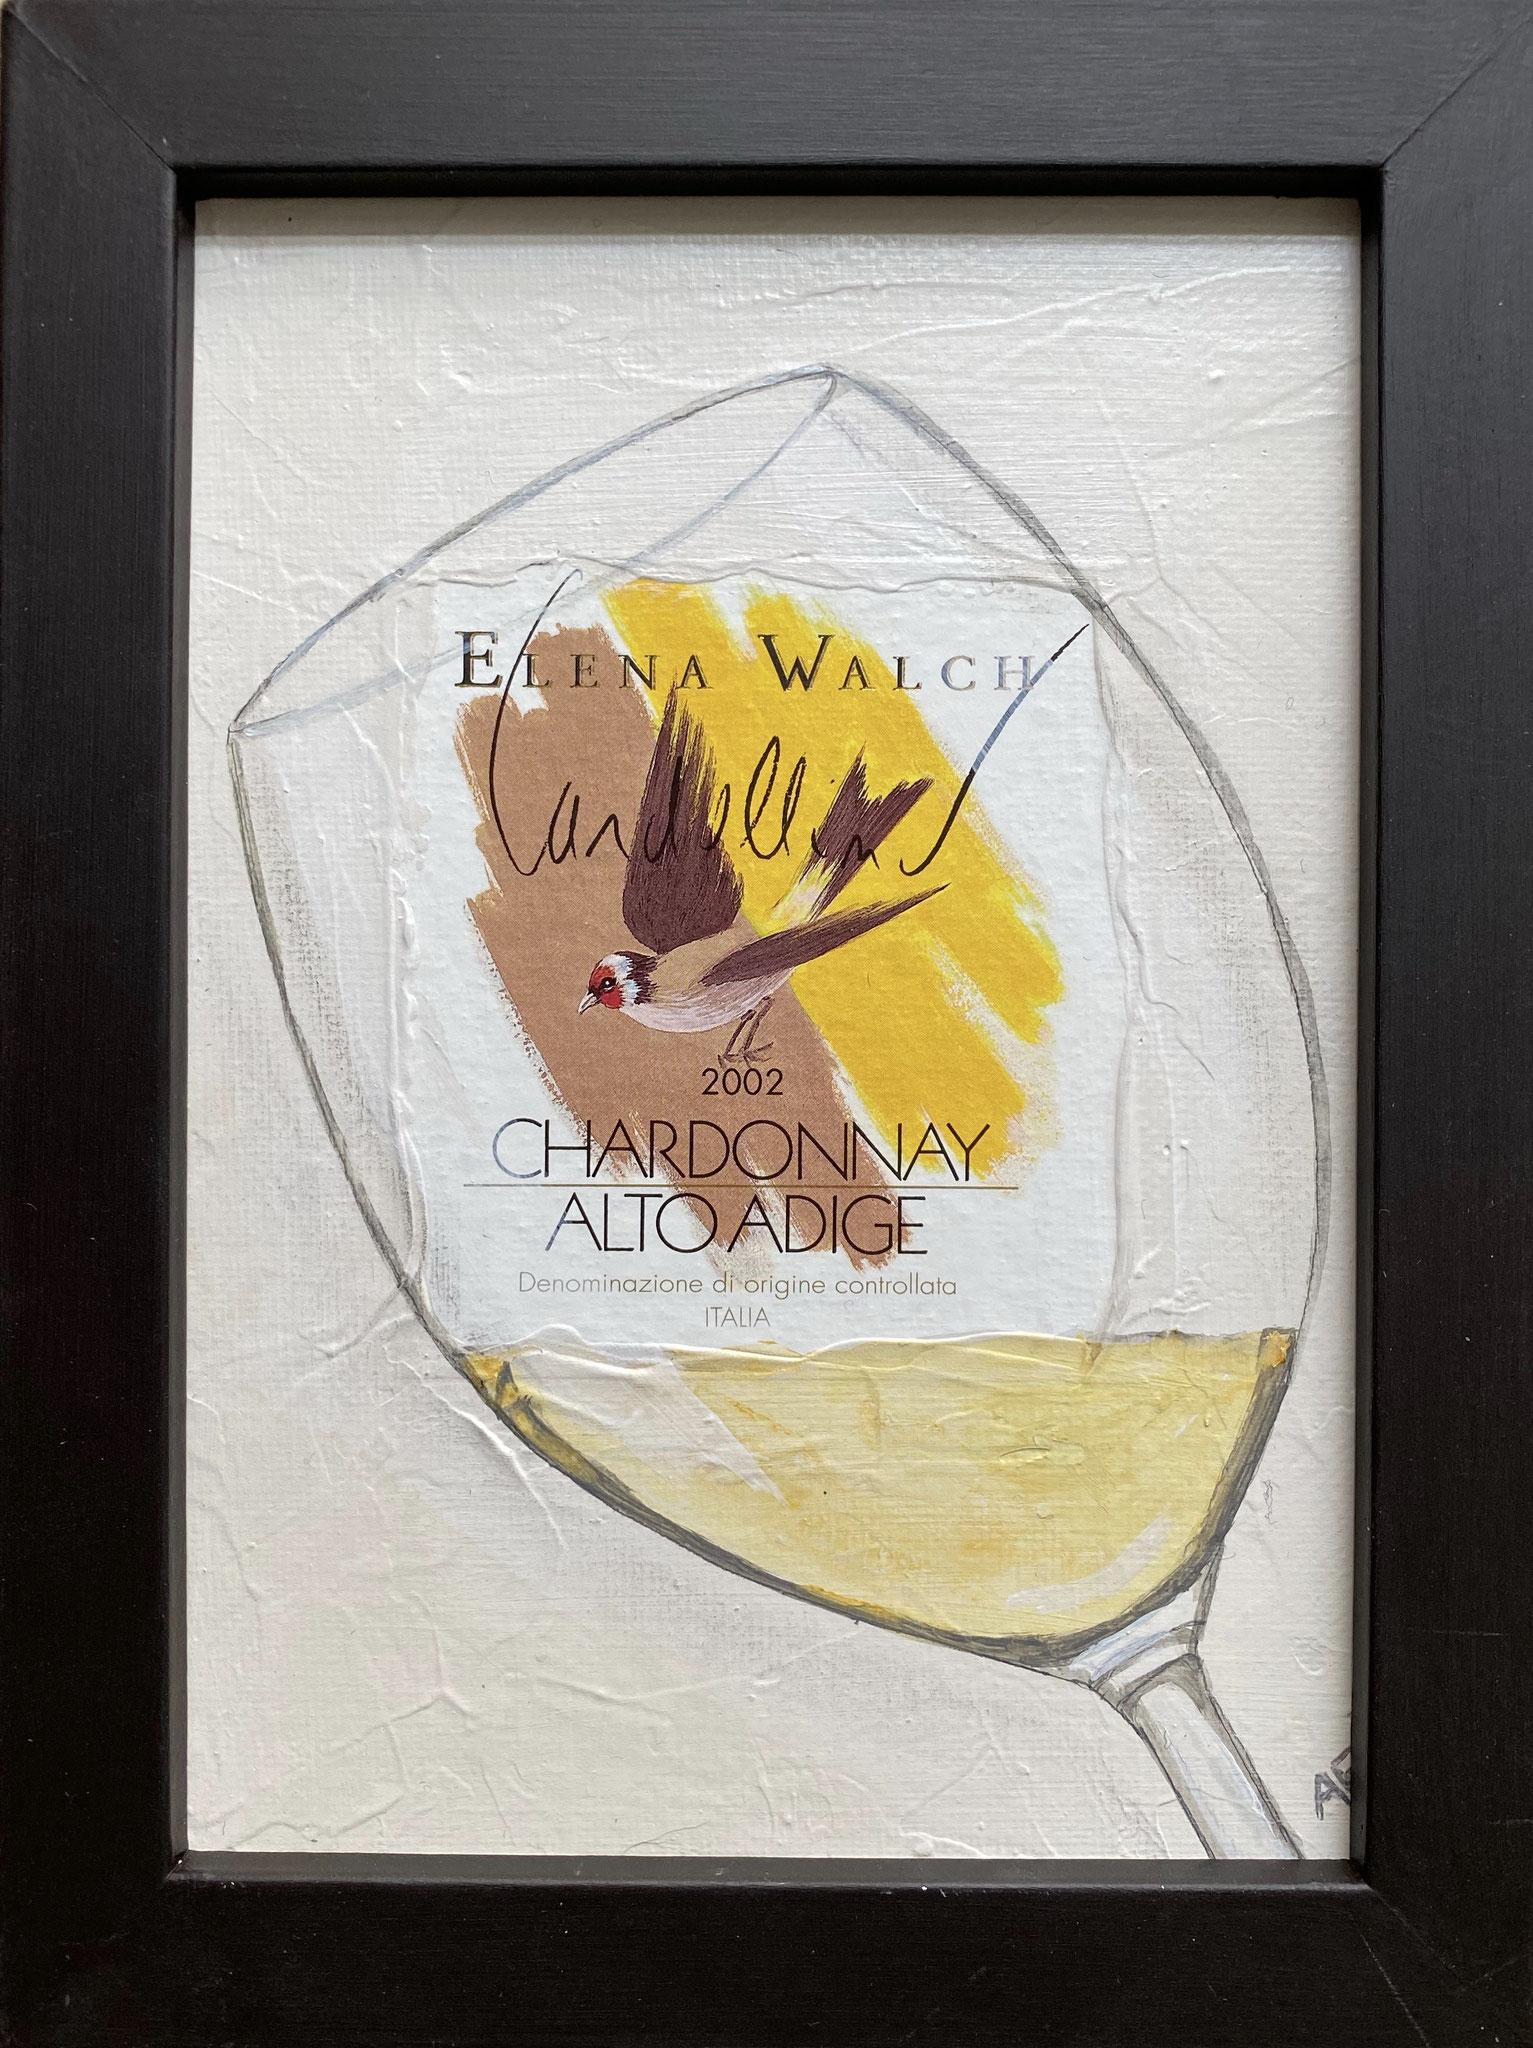 Elena Walch - Chardonnay Cardellino